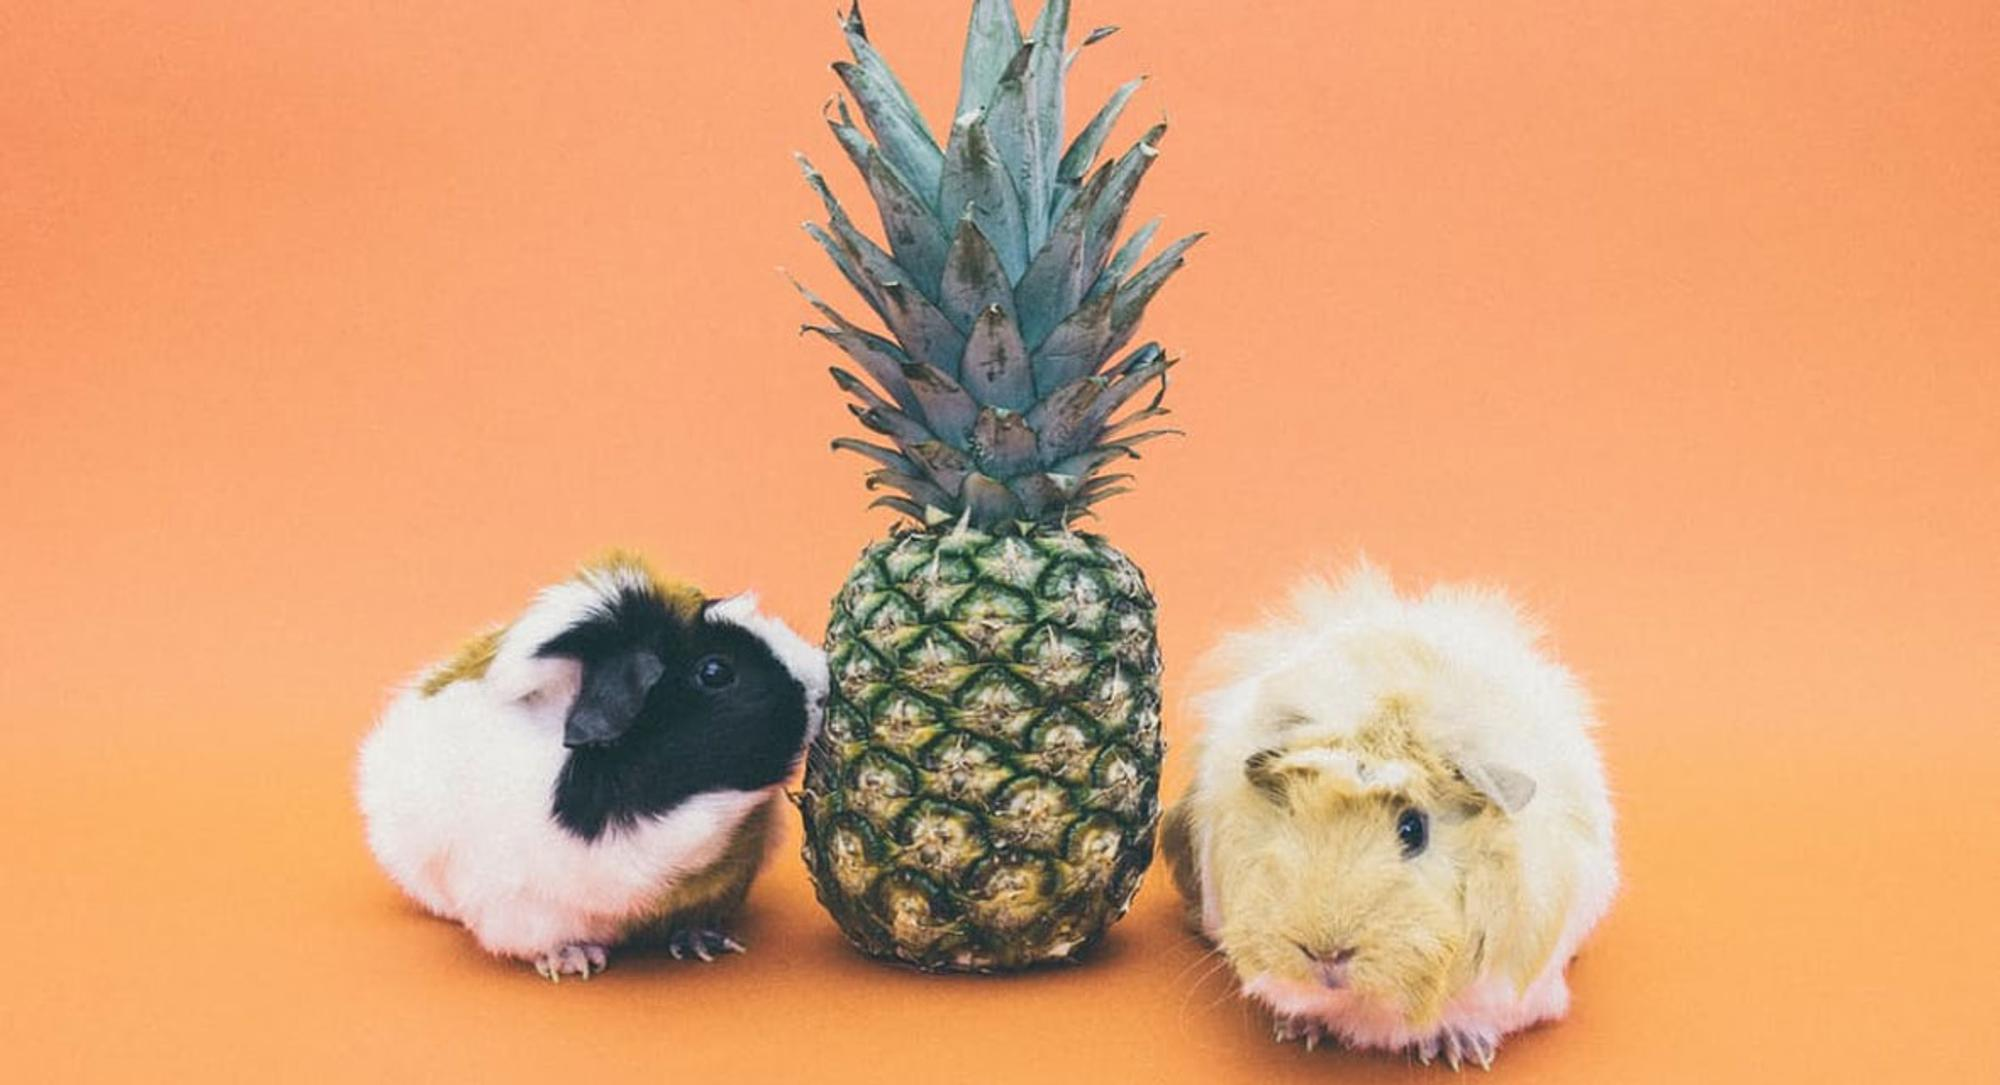 Zwei Meerschweinchen neben einer Ananas